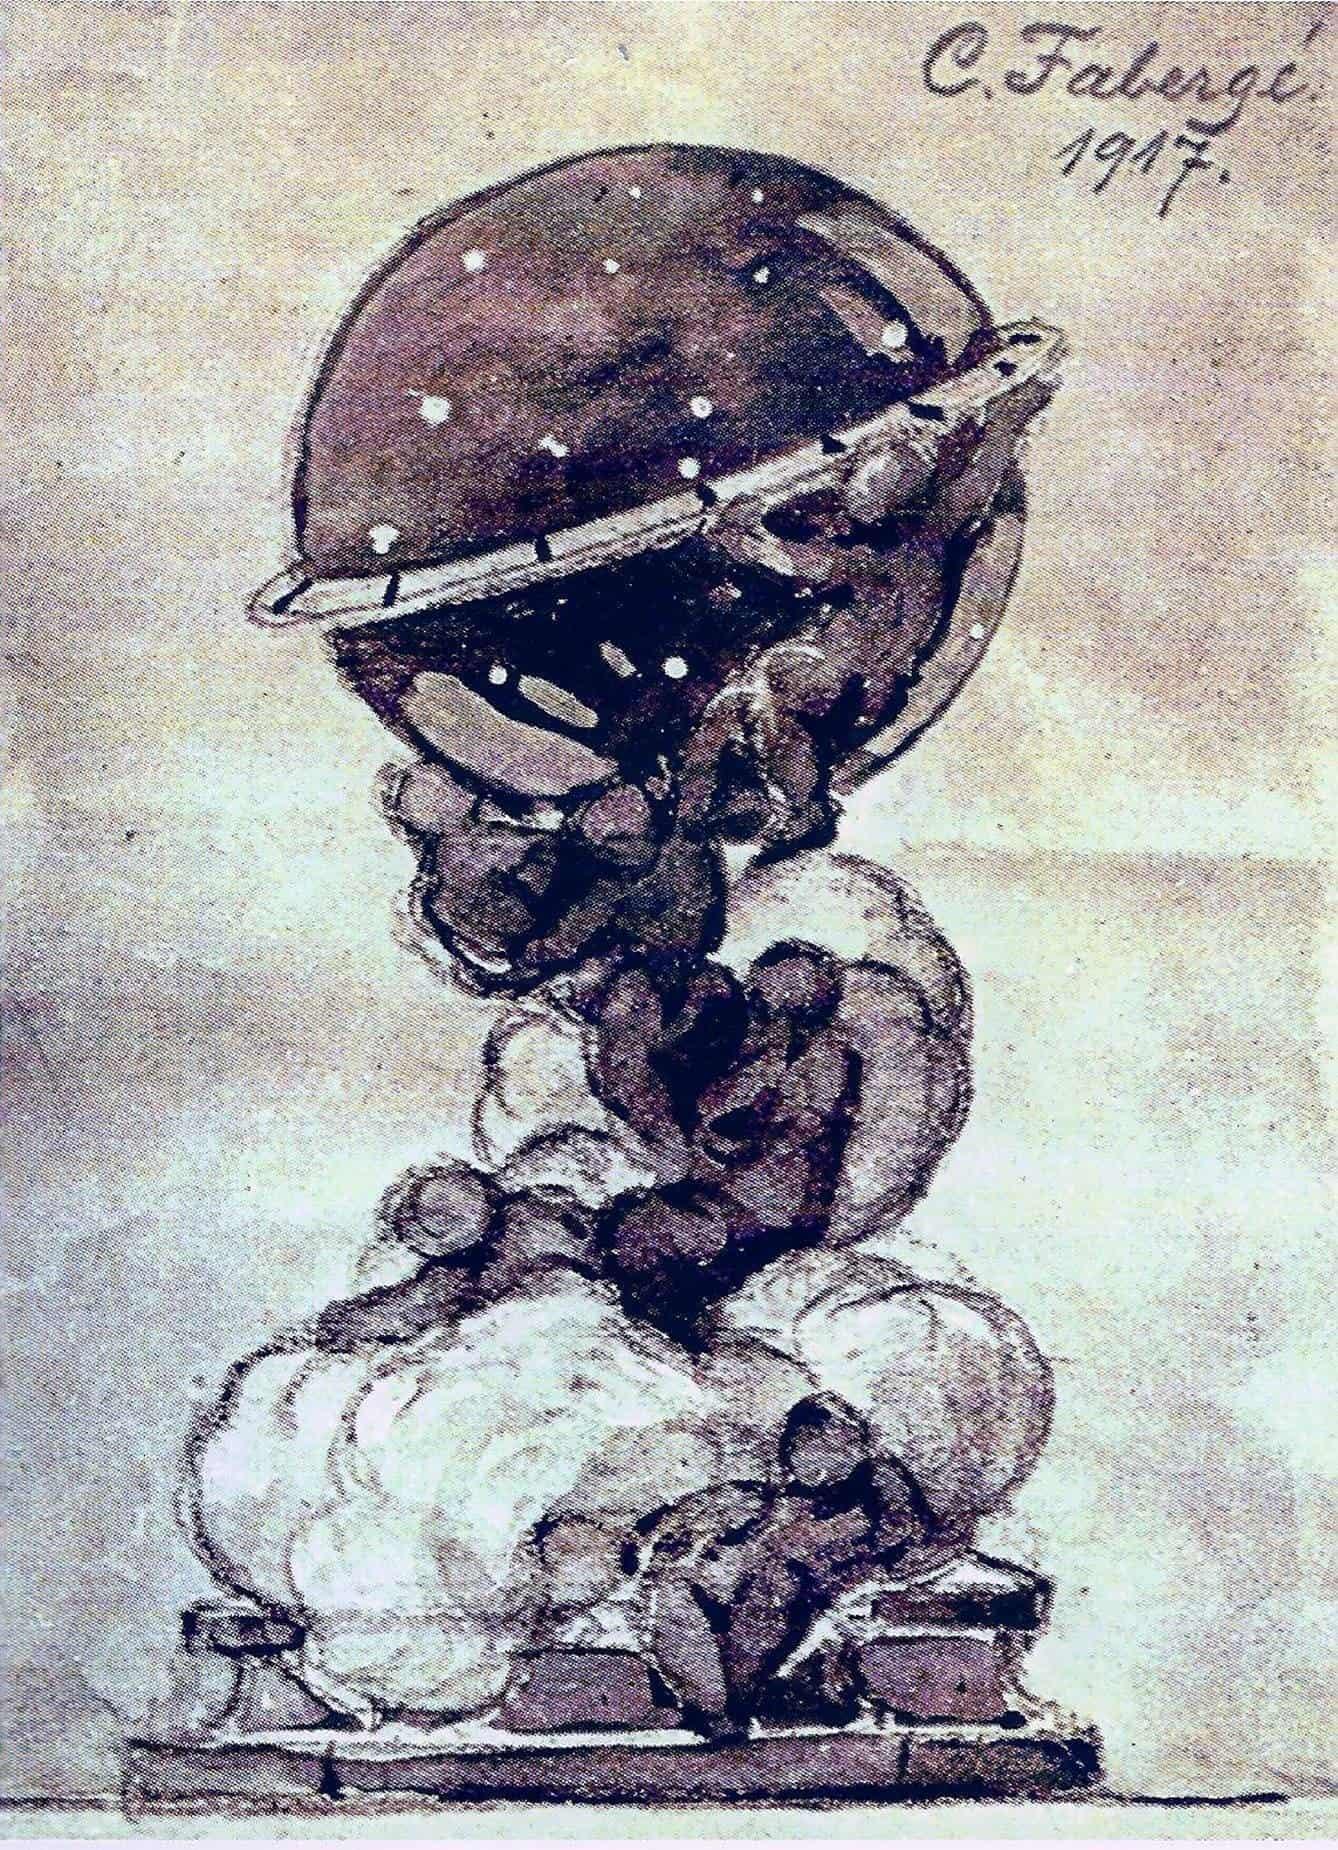 Die kreative Geschichte von Fabergé verpflichtet - hier das Fabergé Constellation Ei aus dem Jahr 1917 - das Bild ist von Igor Carl Fabergé